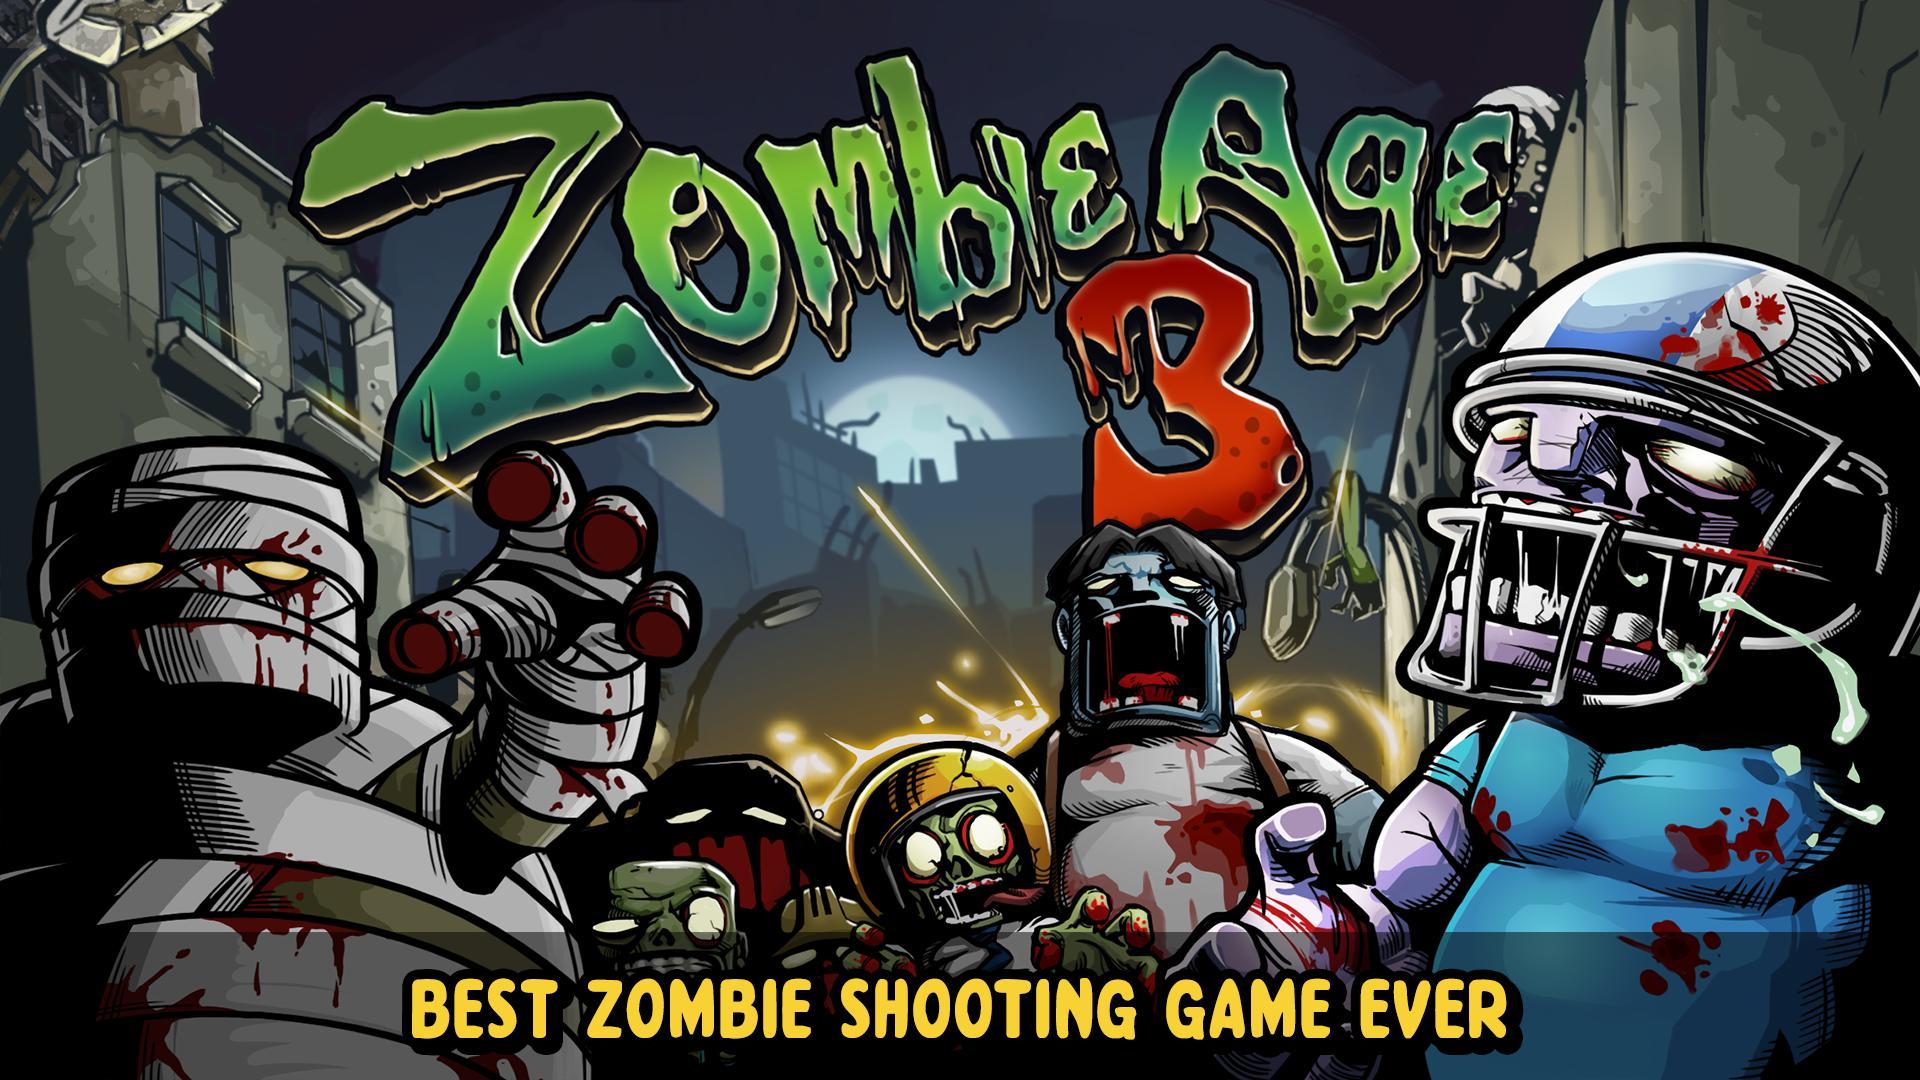 zombie age 3 ile ilgili görsel sonucu